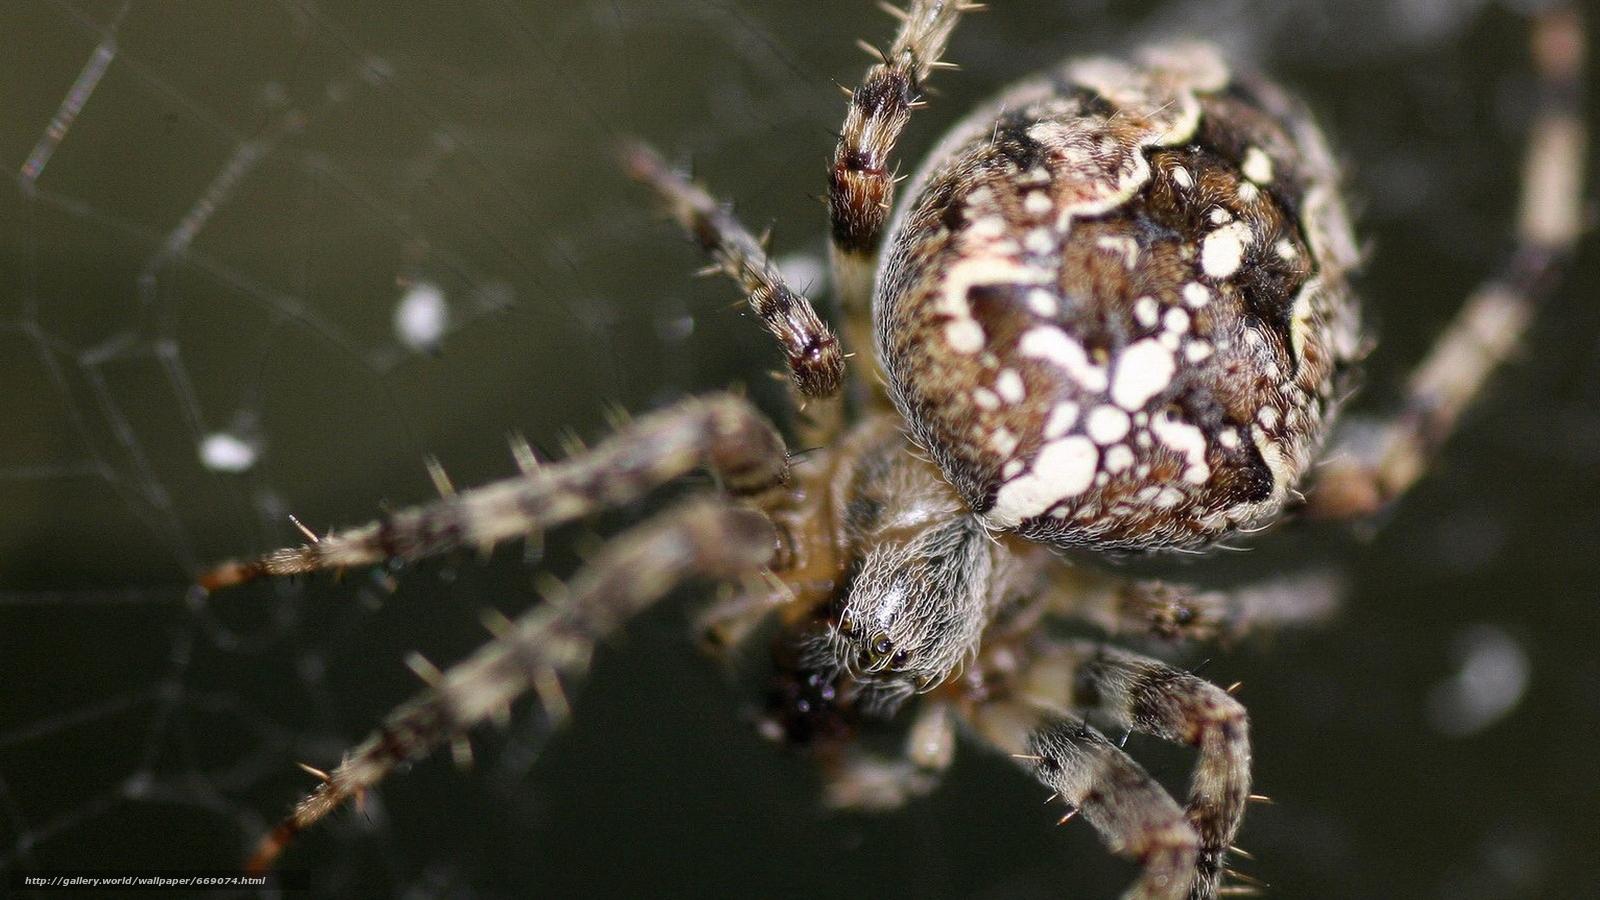 сохранилось паук с шариком на спине фото гладкая поверхность, четкость